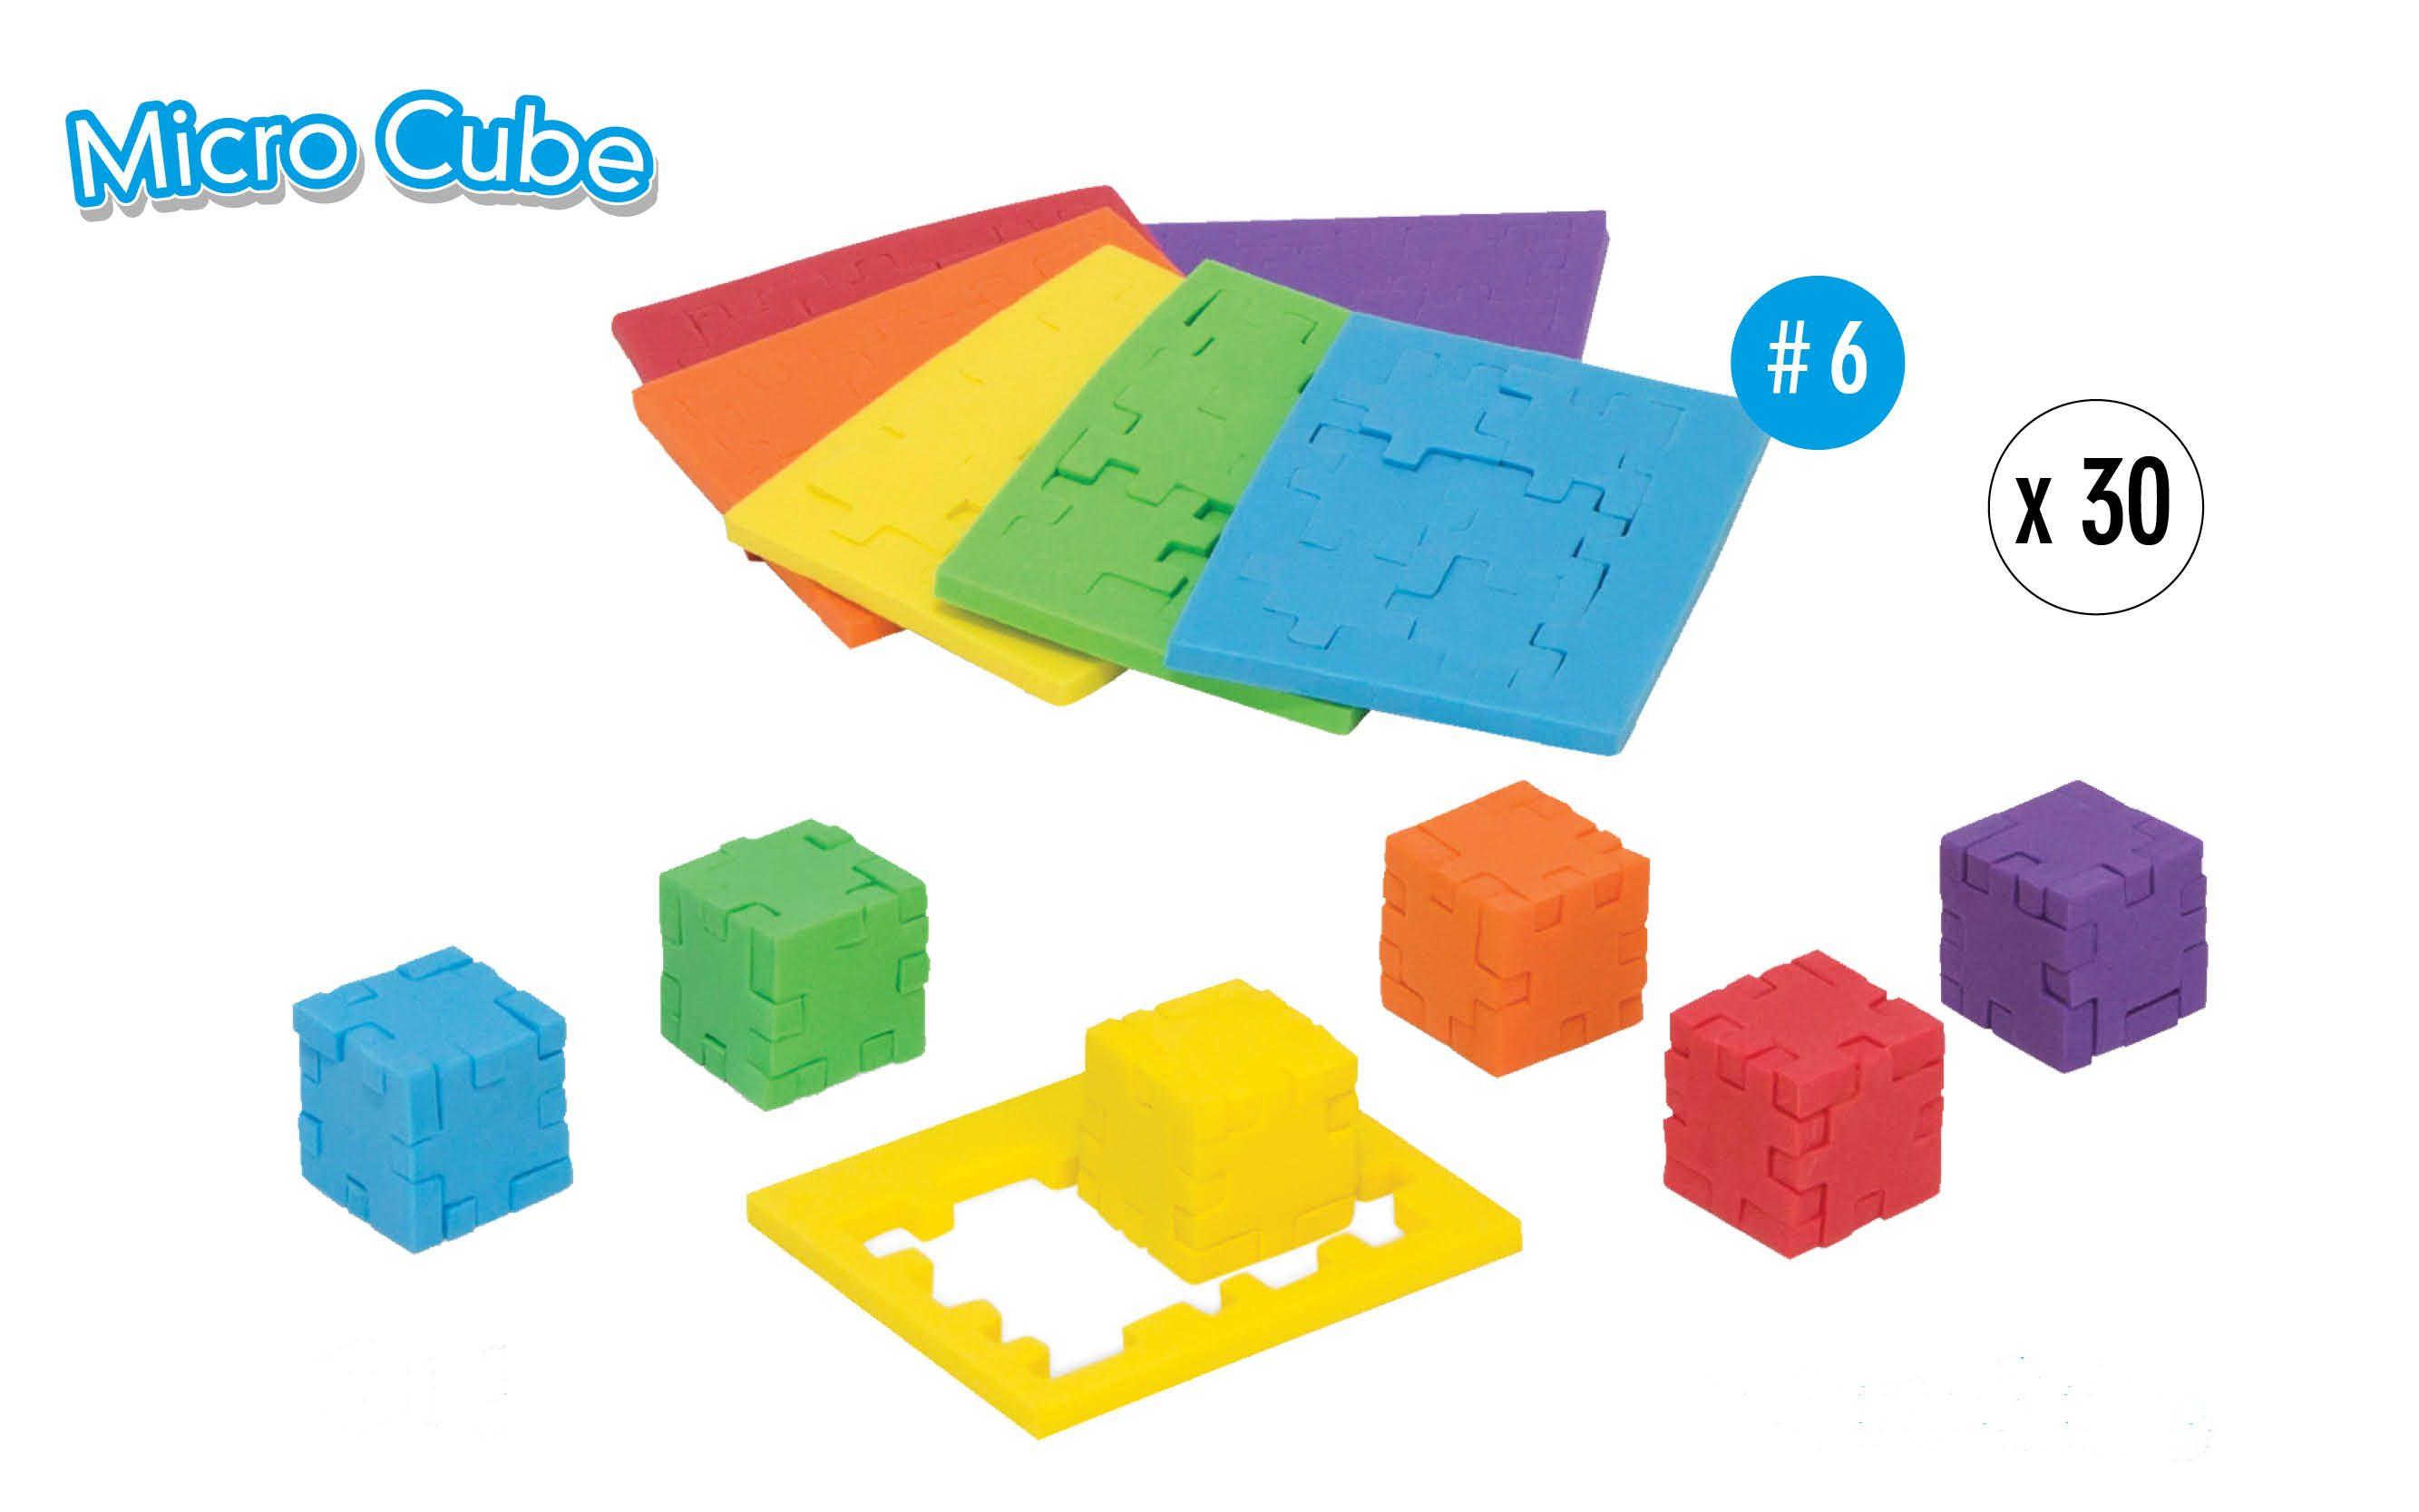 Happy_MicroCube_30-display3_foamcubepuzzles-mini